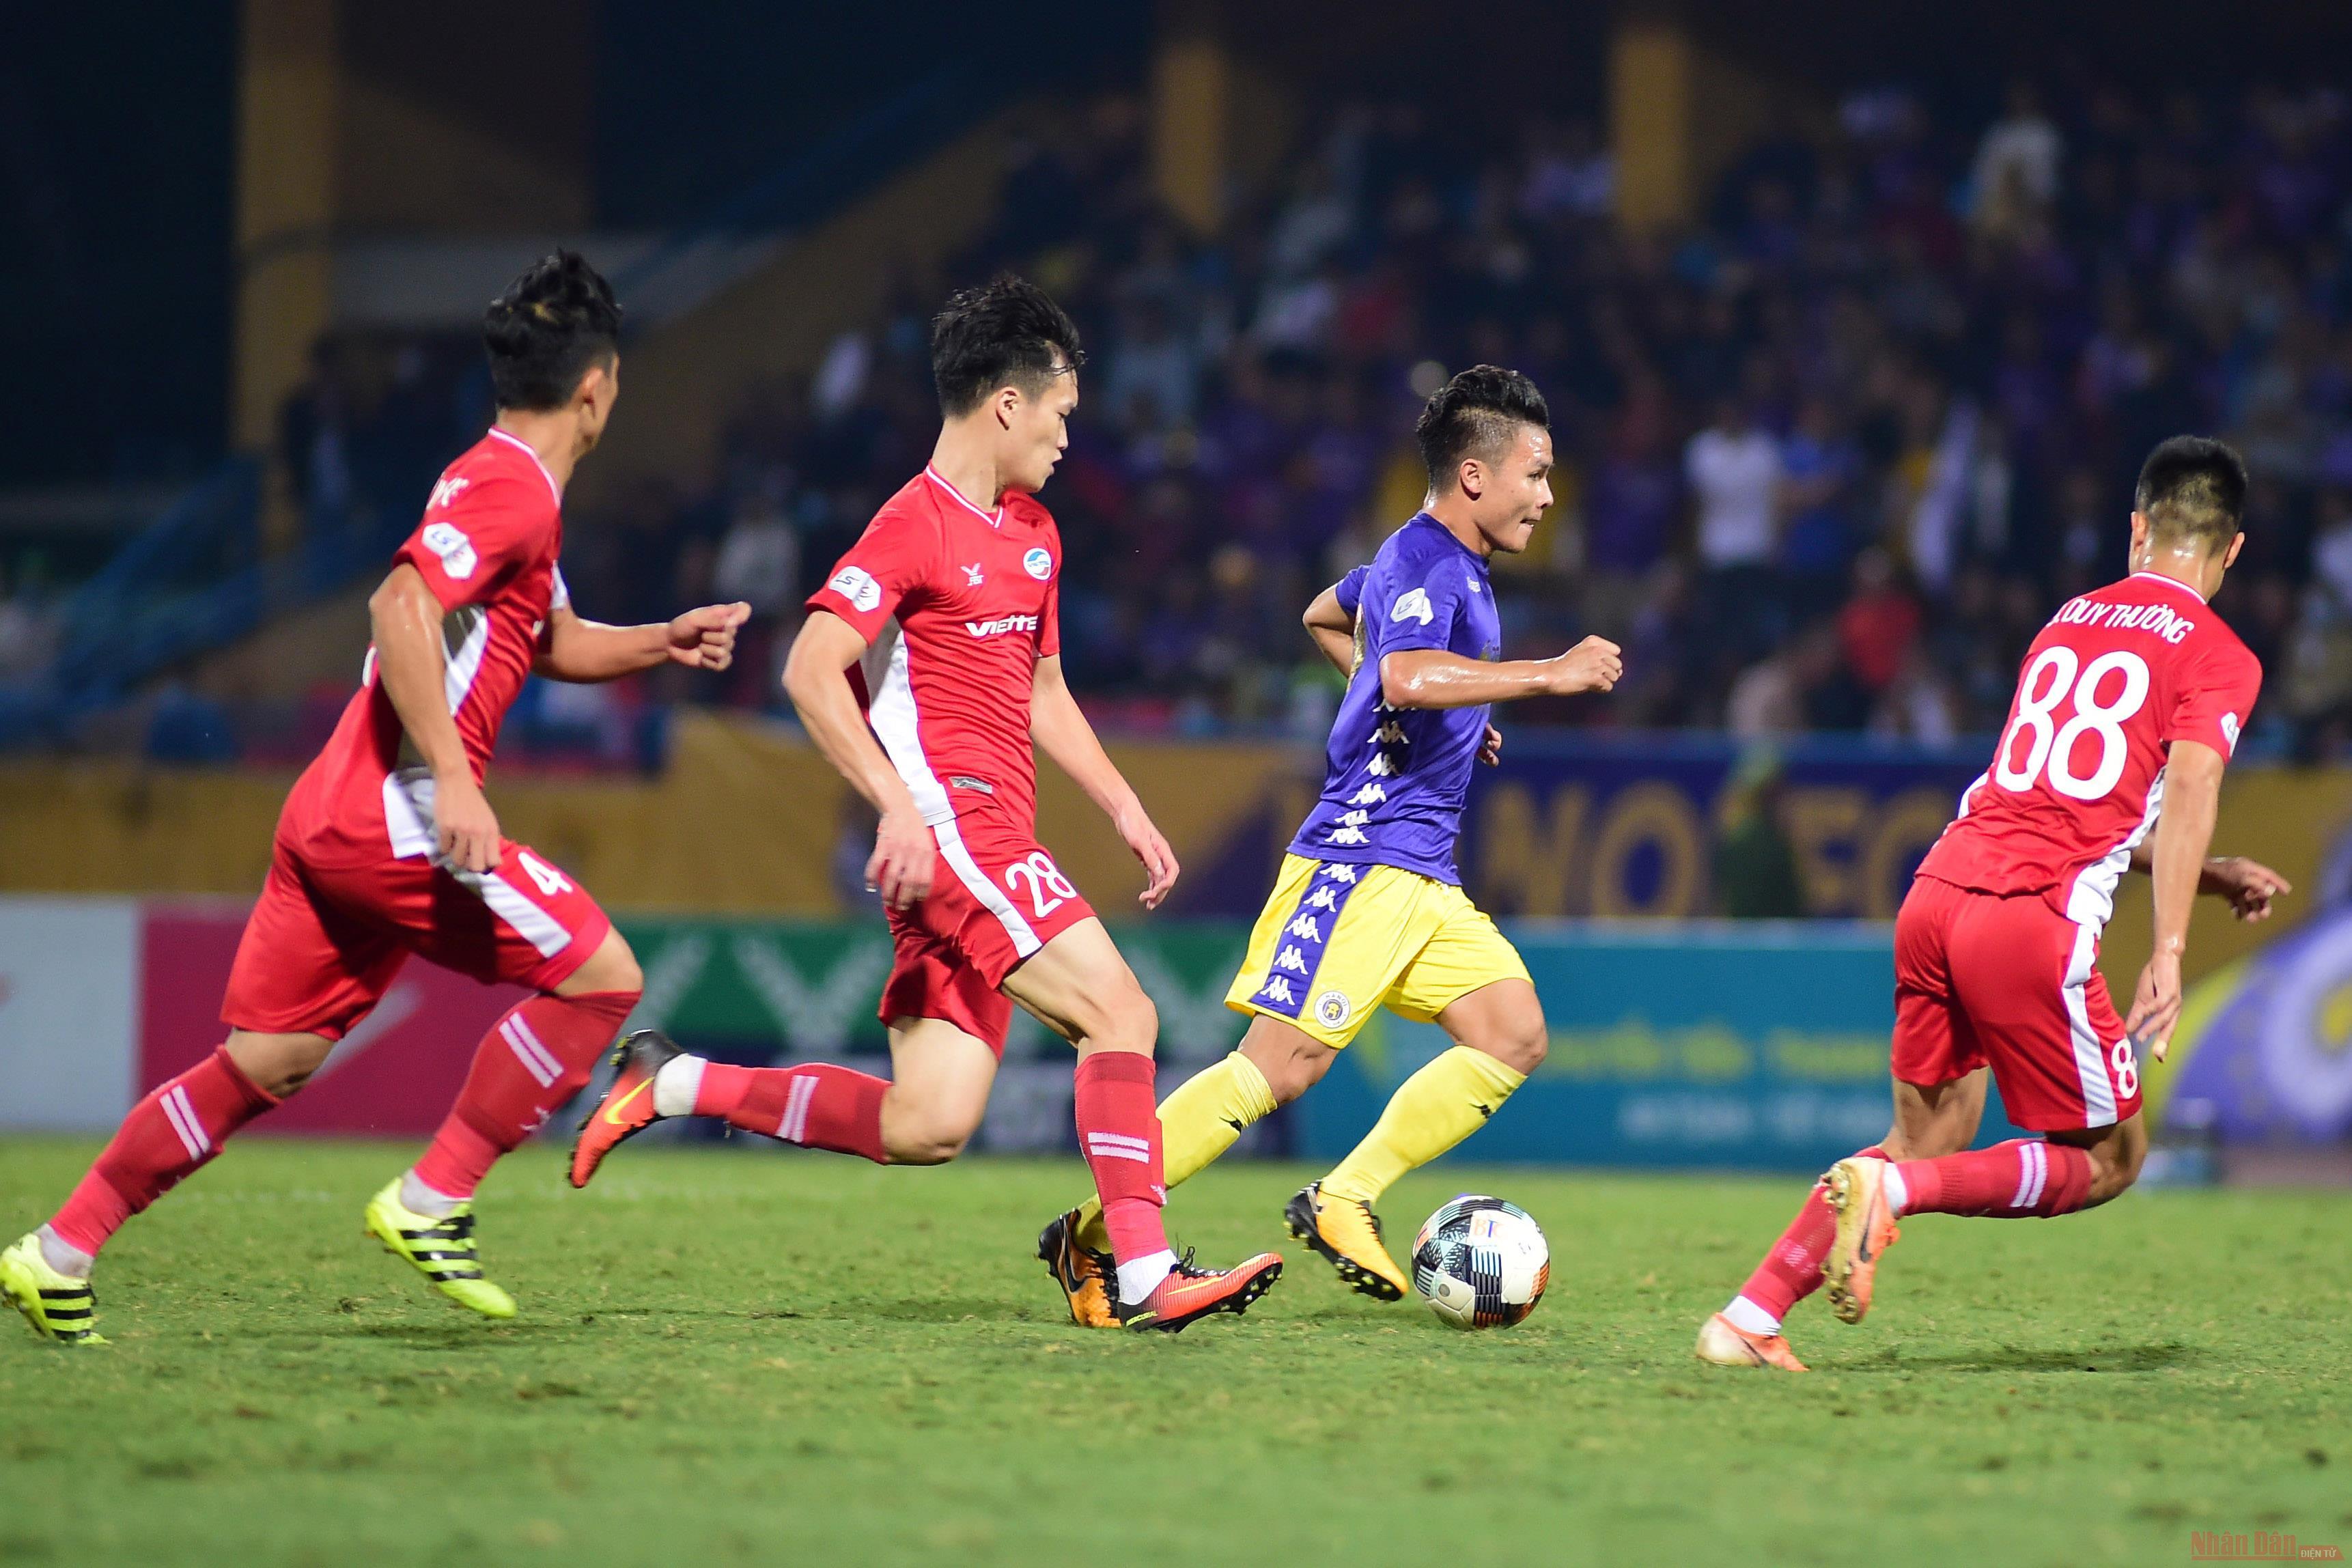 Dàn cầu thủ Tân Sửu tràn đầy nội lực của bóng đá Việt Nam  -0